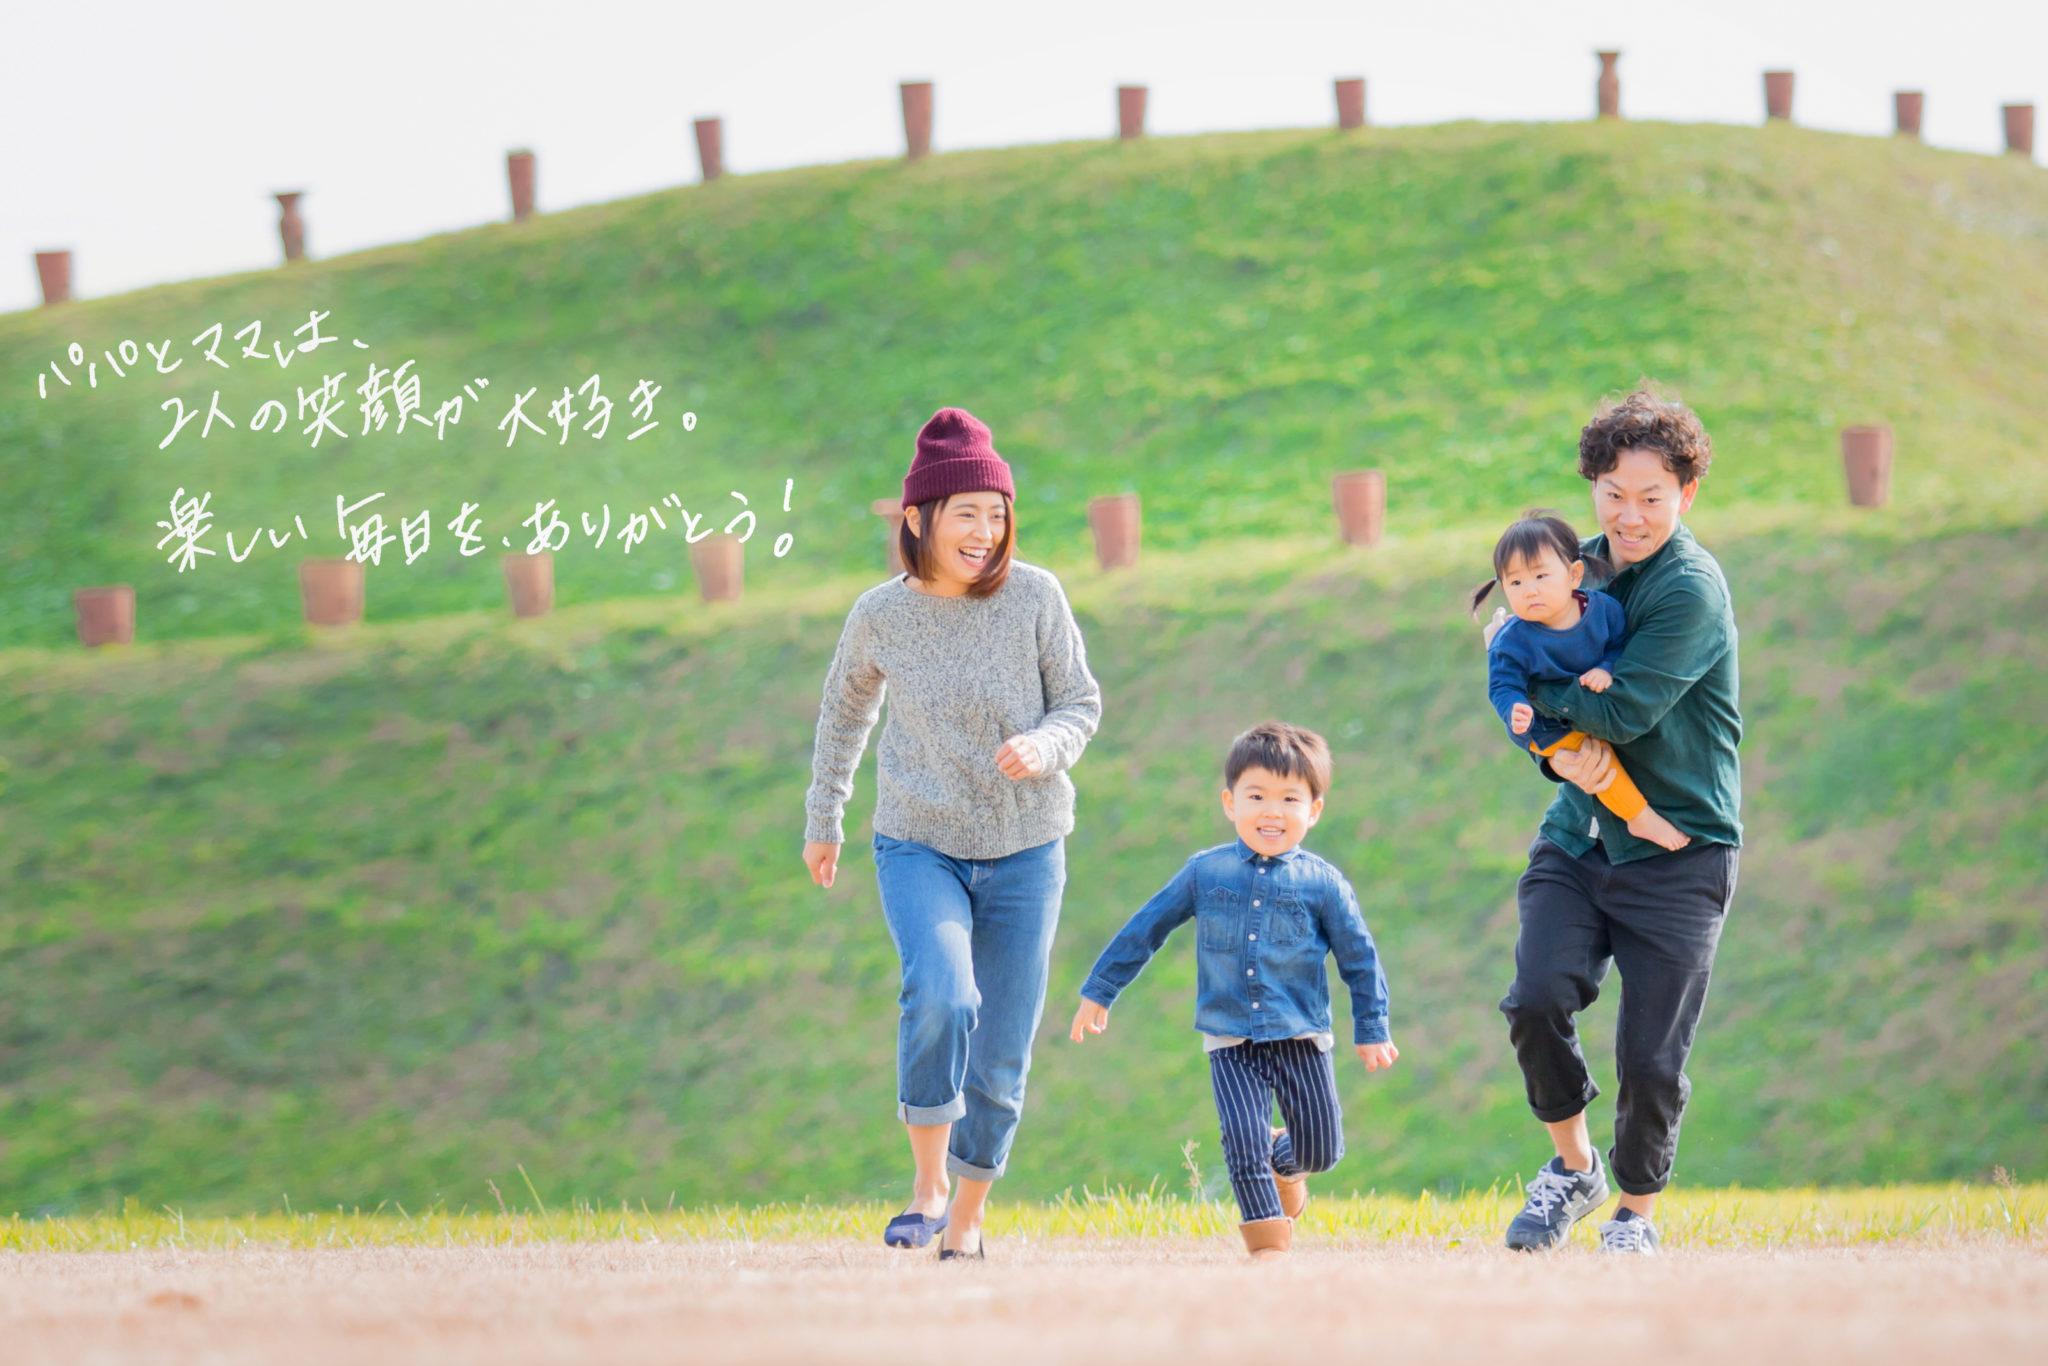 家族写真 ロケーション撮影 フォトステージノア